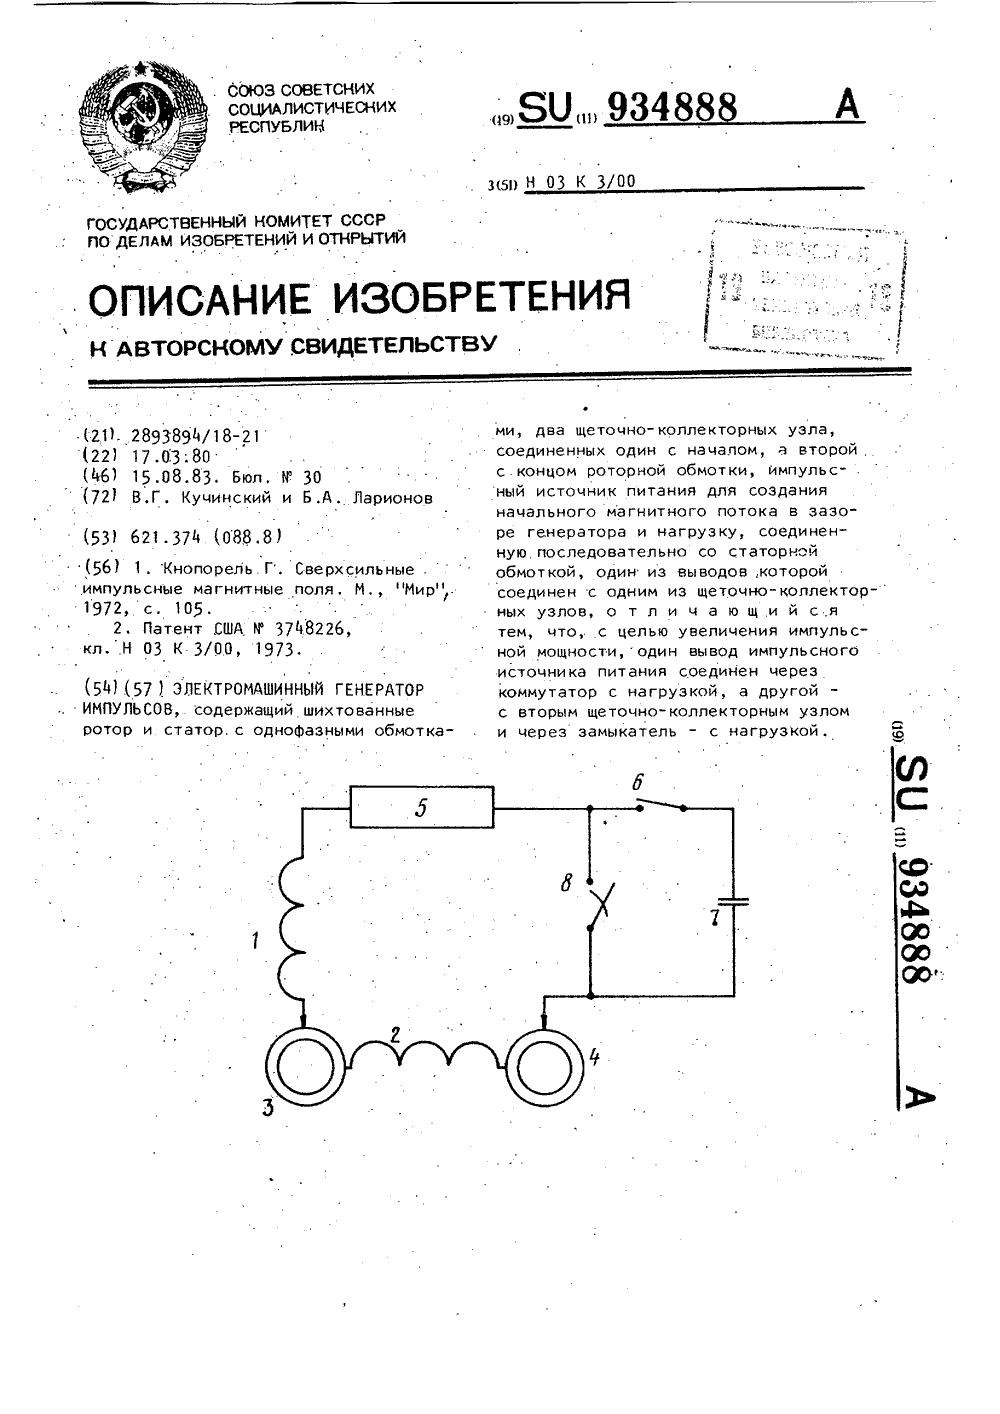 схема усилителя кабелеискателя